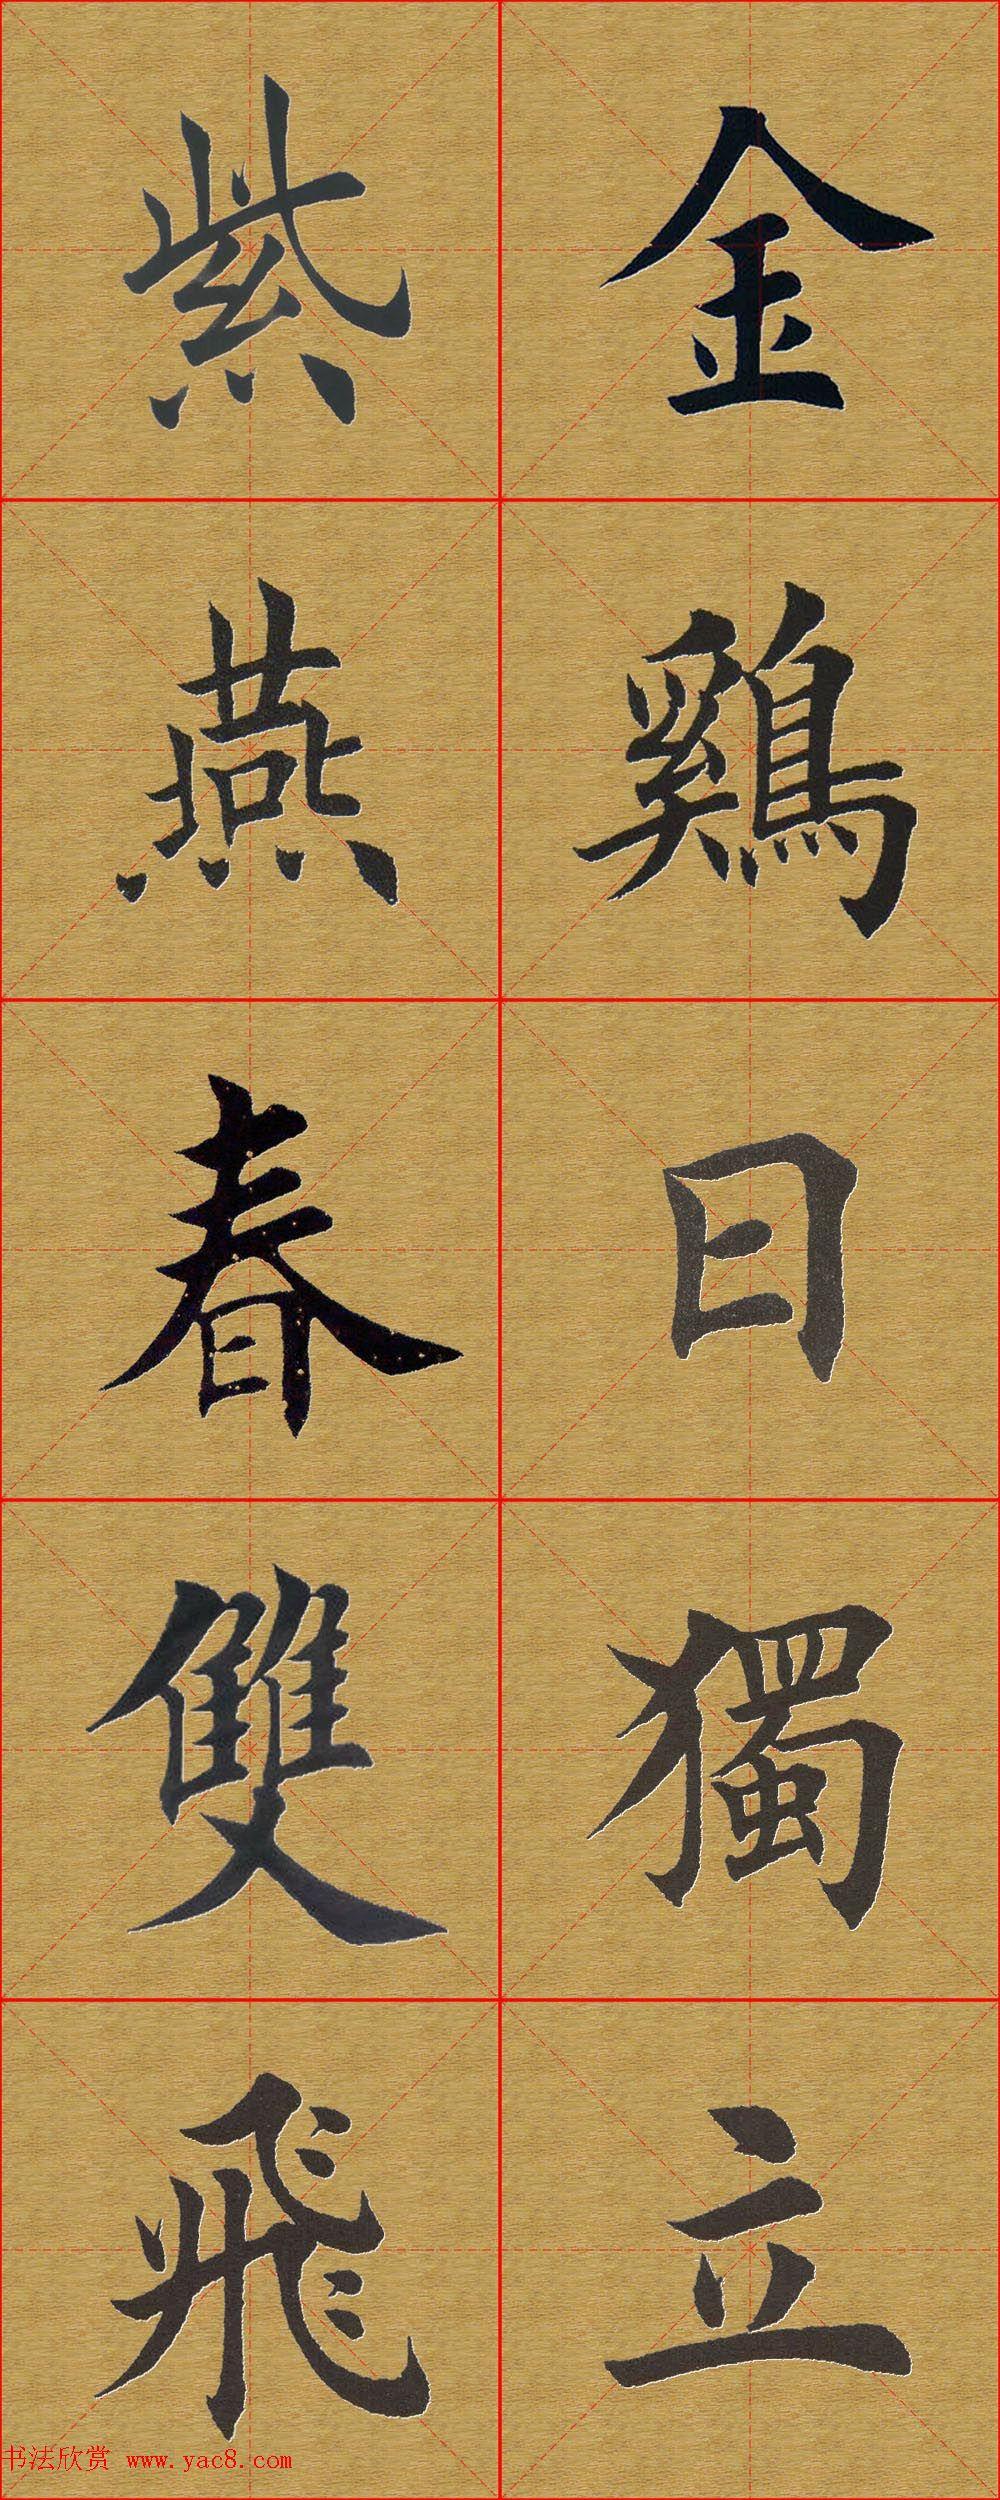 书法集字新年春联选刊 第4页 书法专题 书法欣赏图片